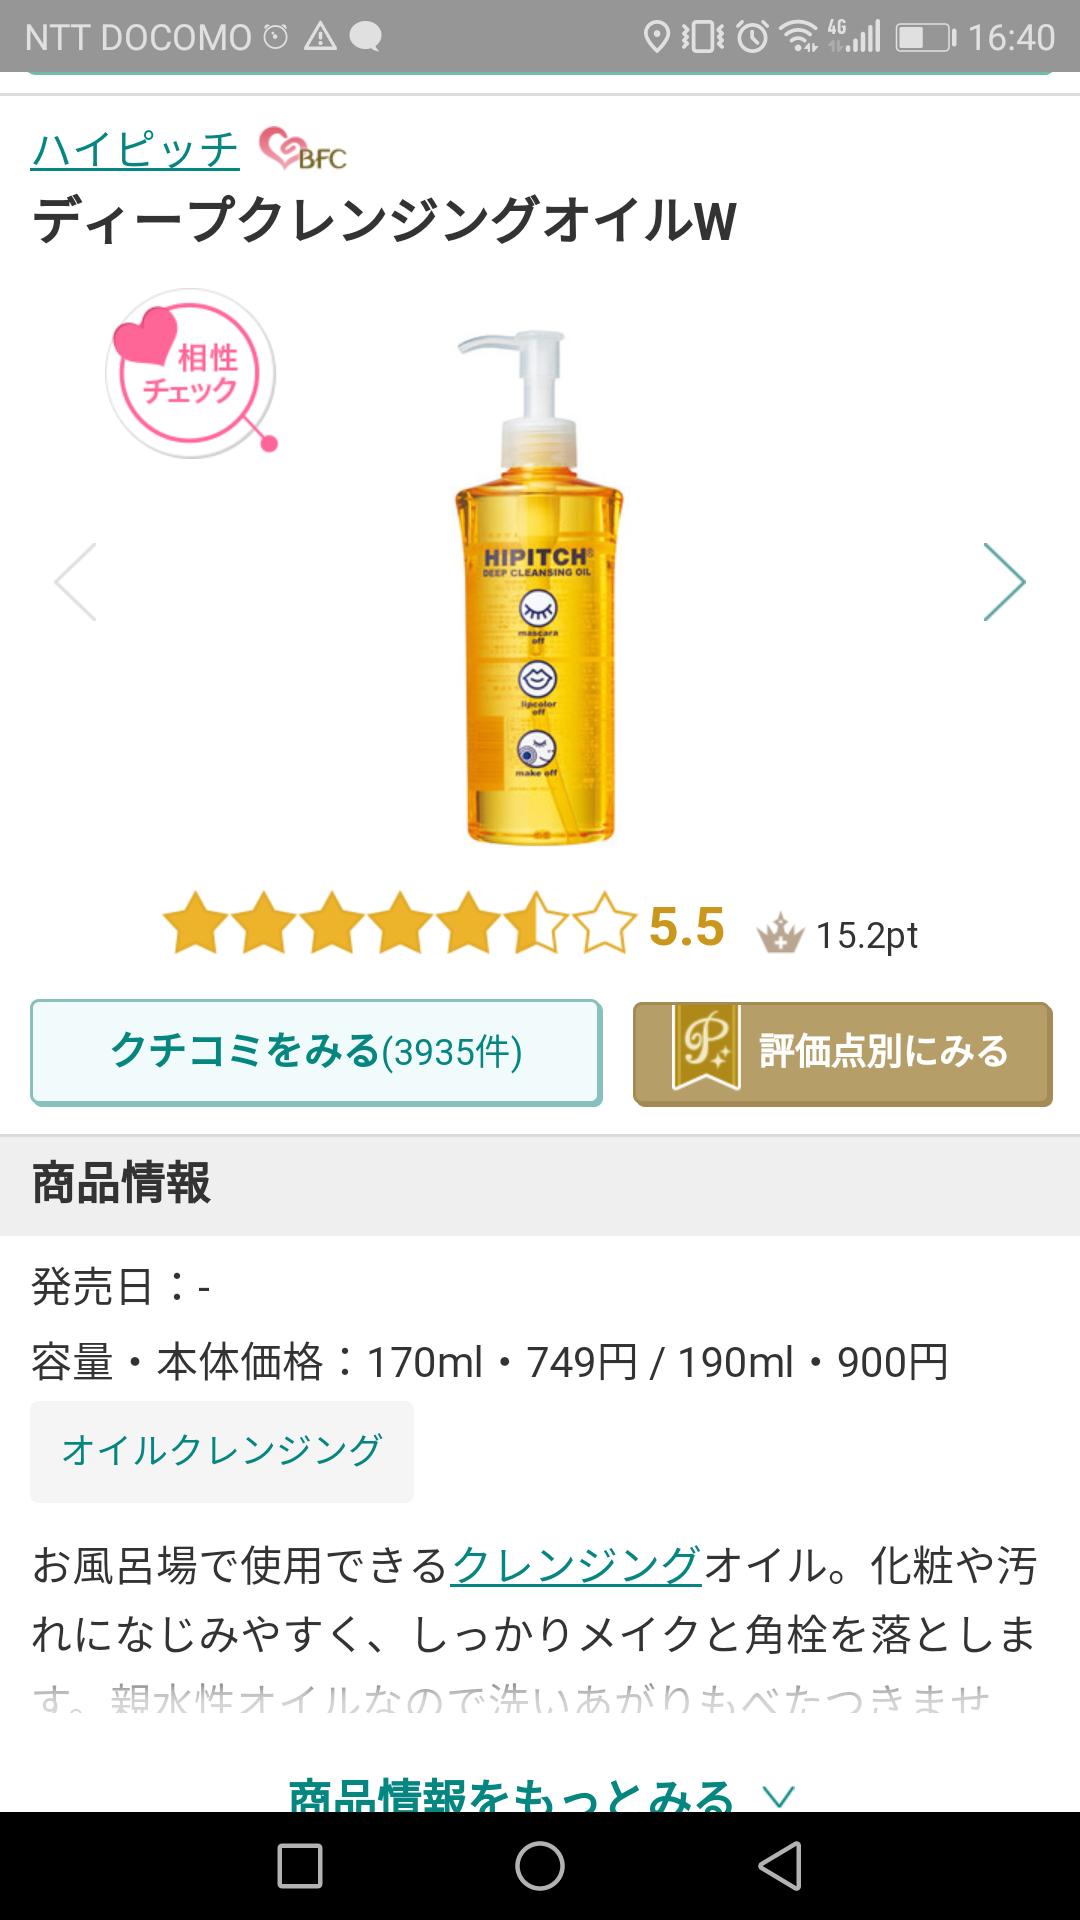 おすすめのクレンジング(2000円以内)